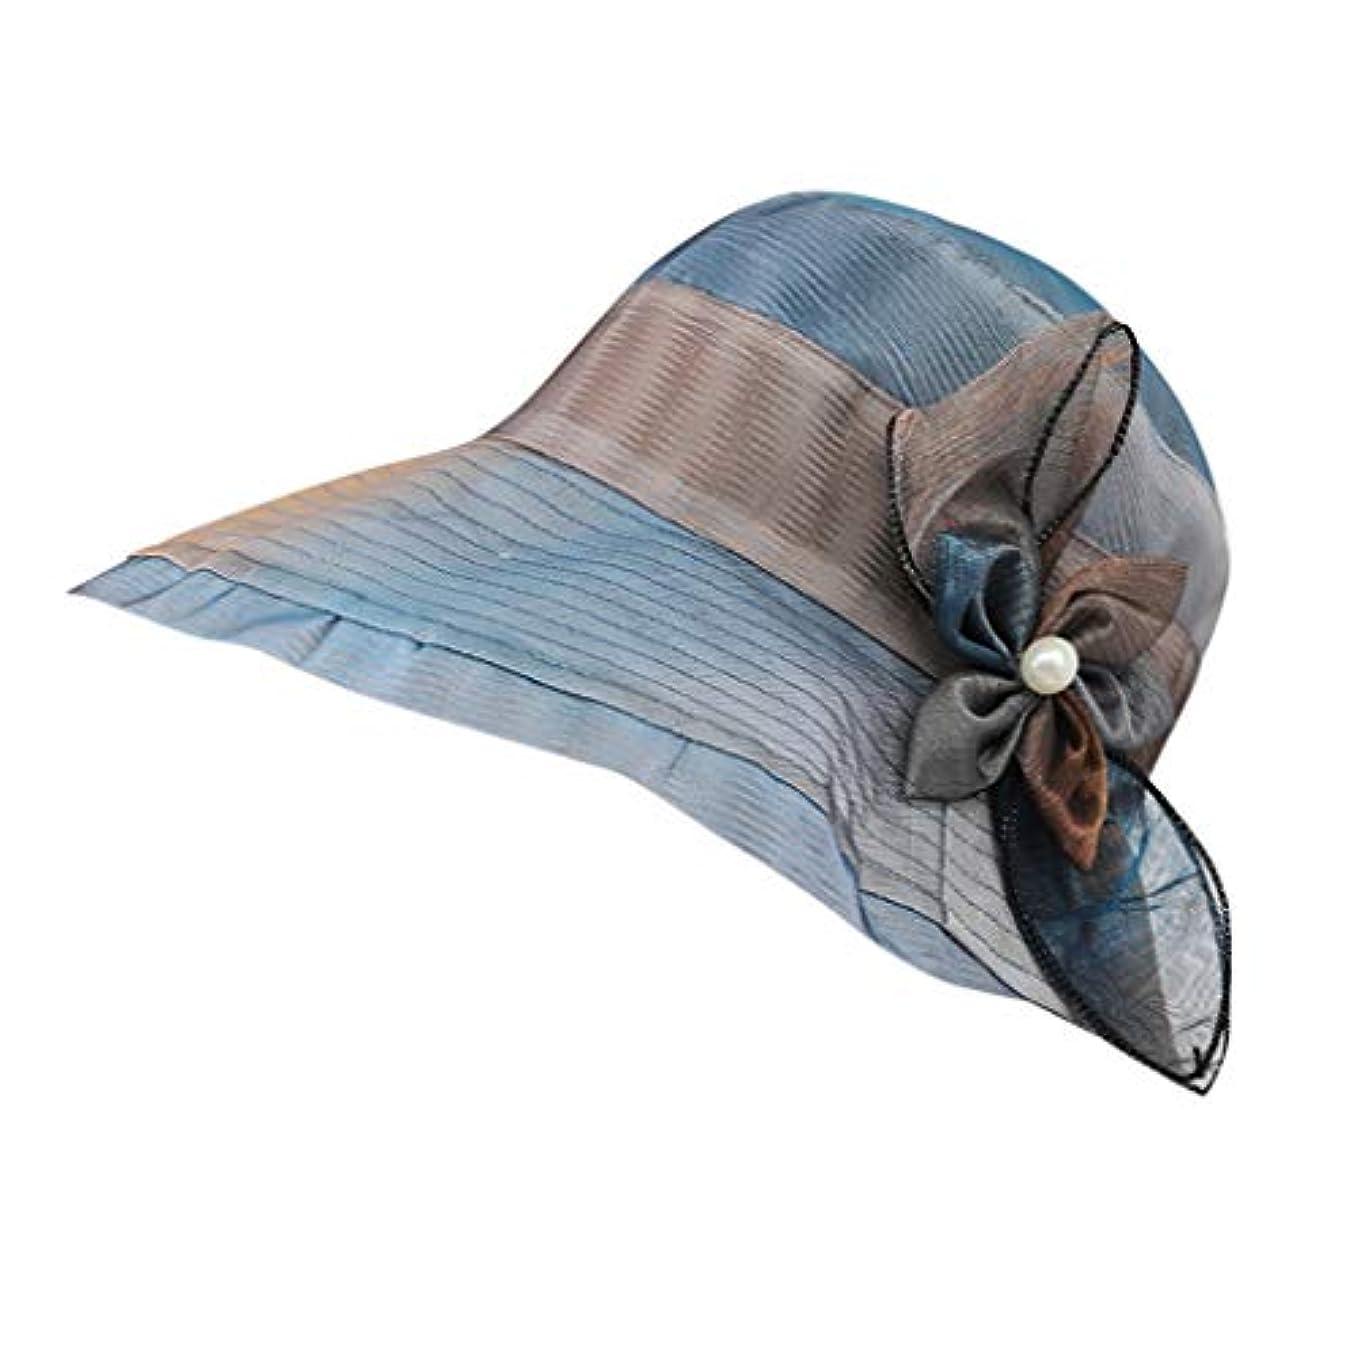 何か気分が良いゲインセイハット レディース UVカット 帽子 レディース 日よけ 帽子 レディース つば広 無地 洗える 紫外線対策 ハット カジュアル 旅行用 日よけ 夏季 女優帽 小顔効果抜群 可愛い 夏季 海 旅行 ROSE ROMAN